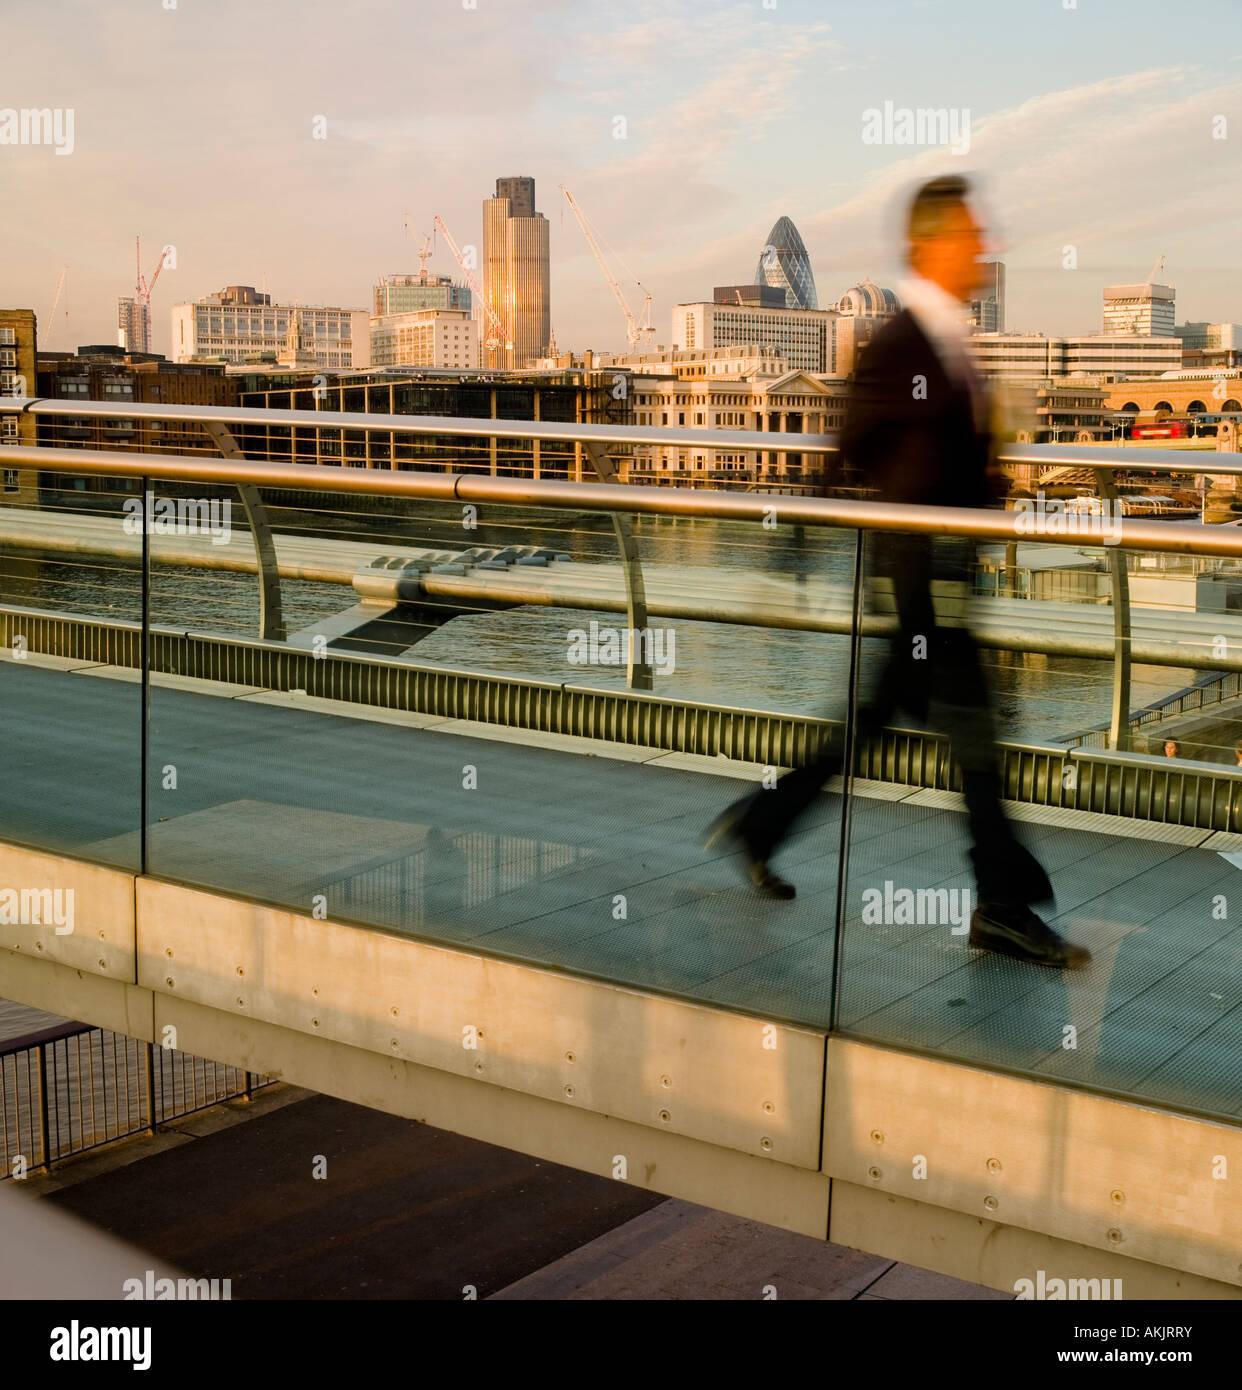 Crossing millennium bridge towards bankside London No model release as movement blur side view means person is unrecognizable Stock Photo